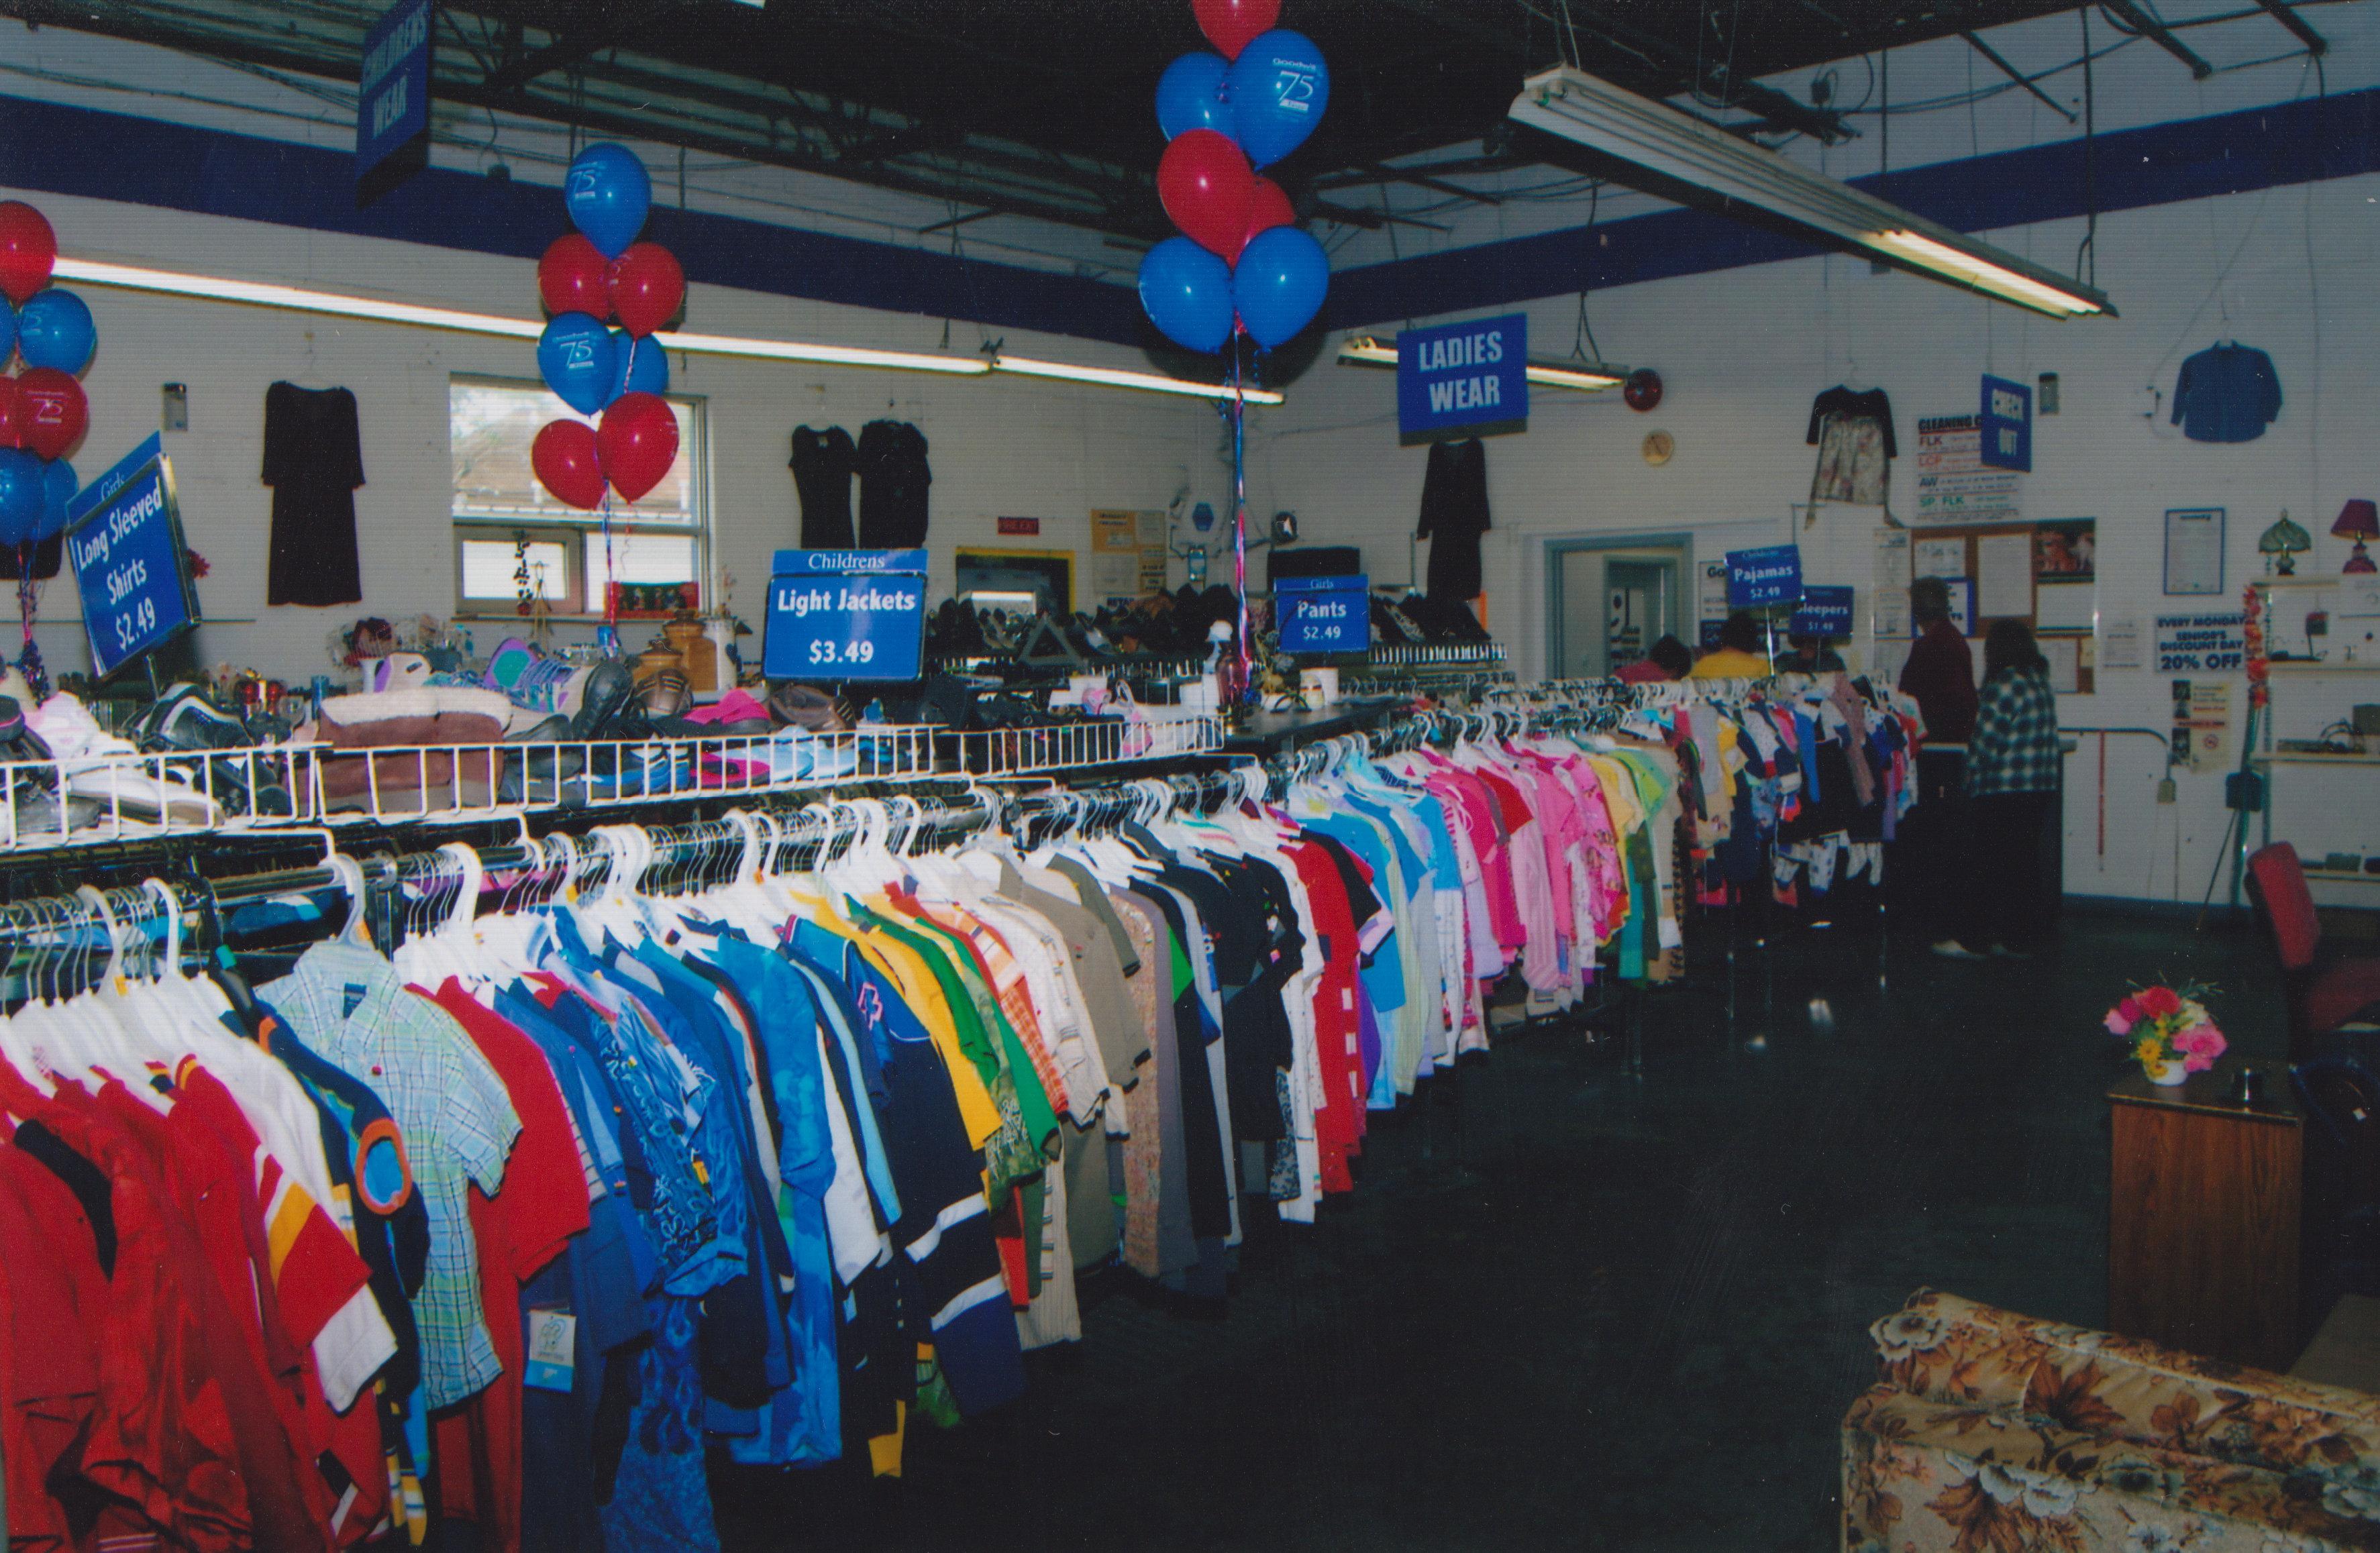 Goodwill EKL Store inside